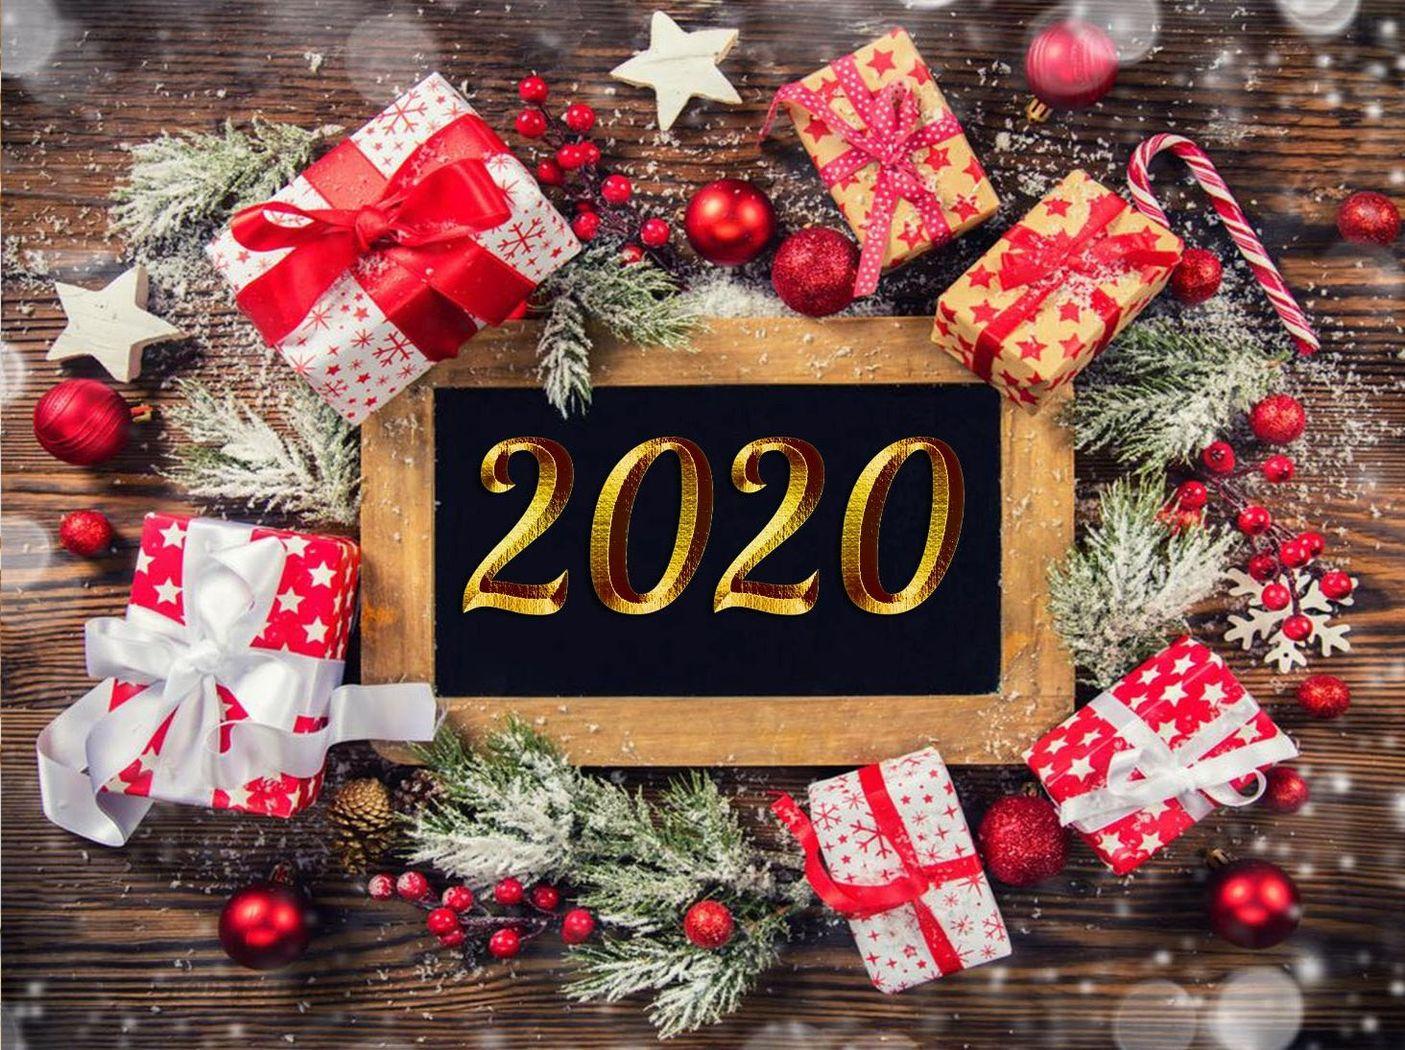 kartinki-s-novym-godom-2020-59.jpg